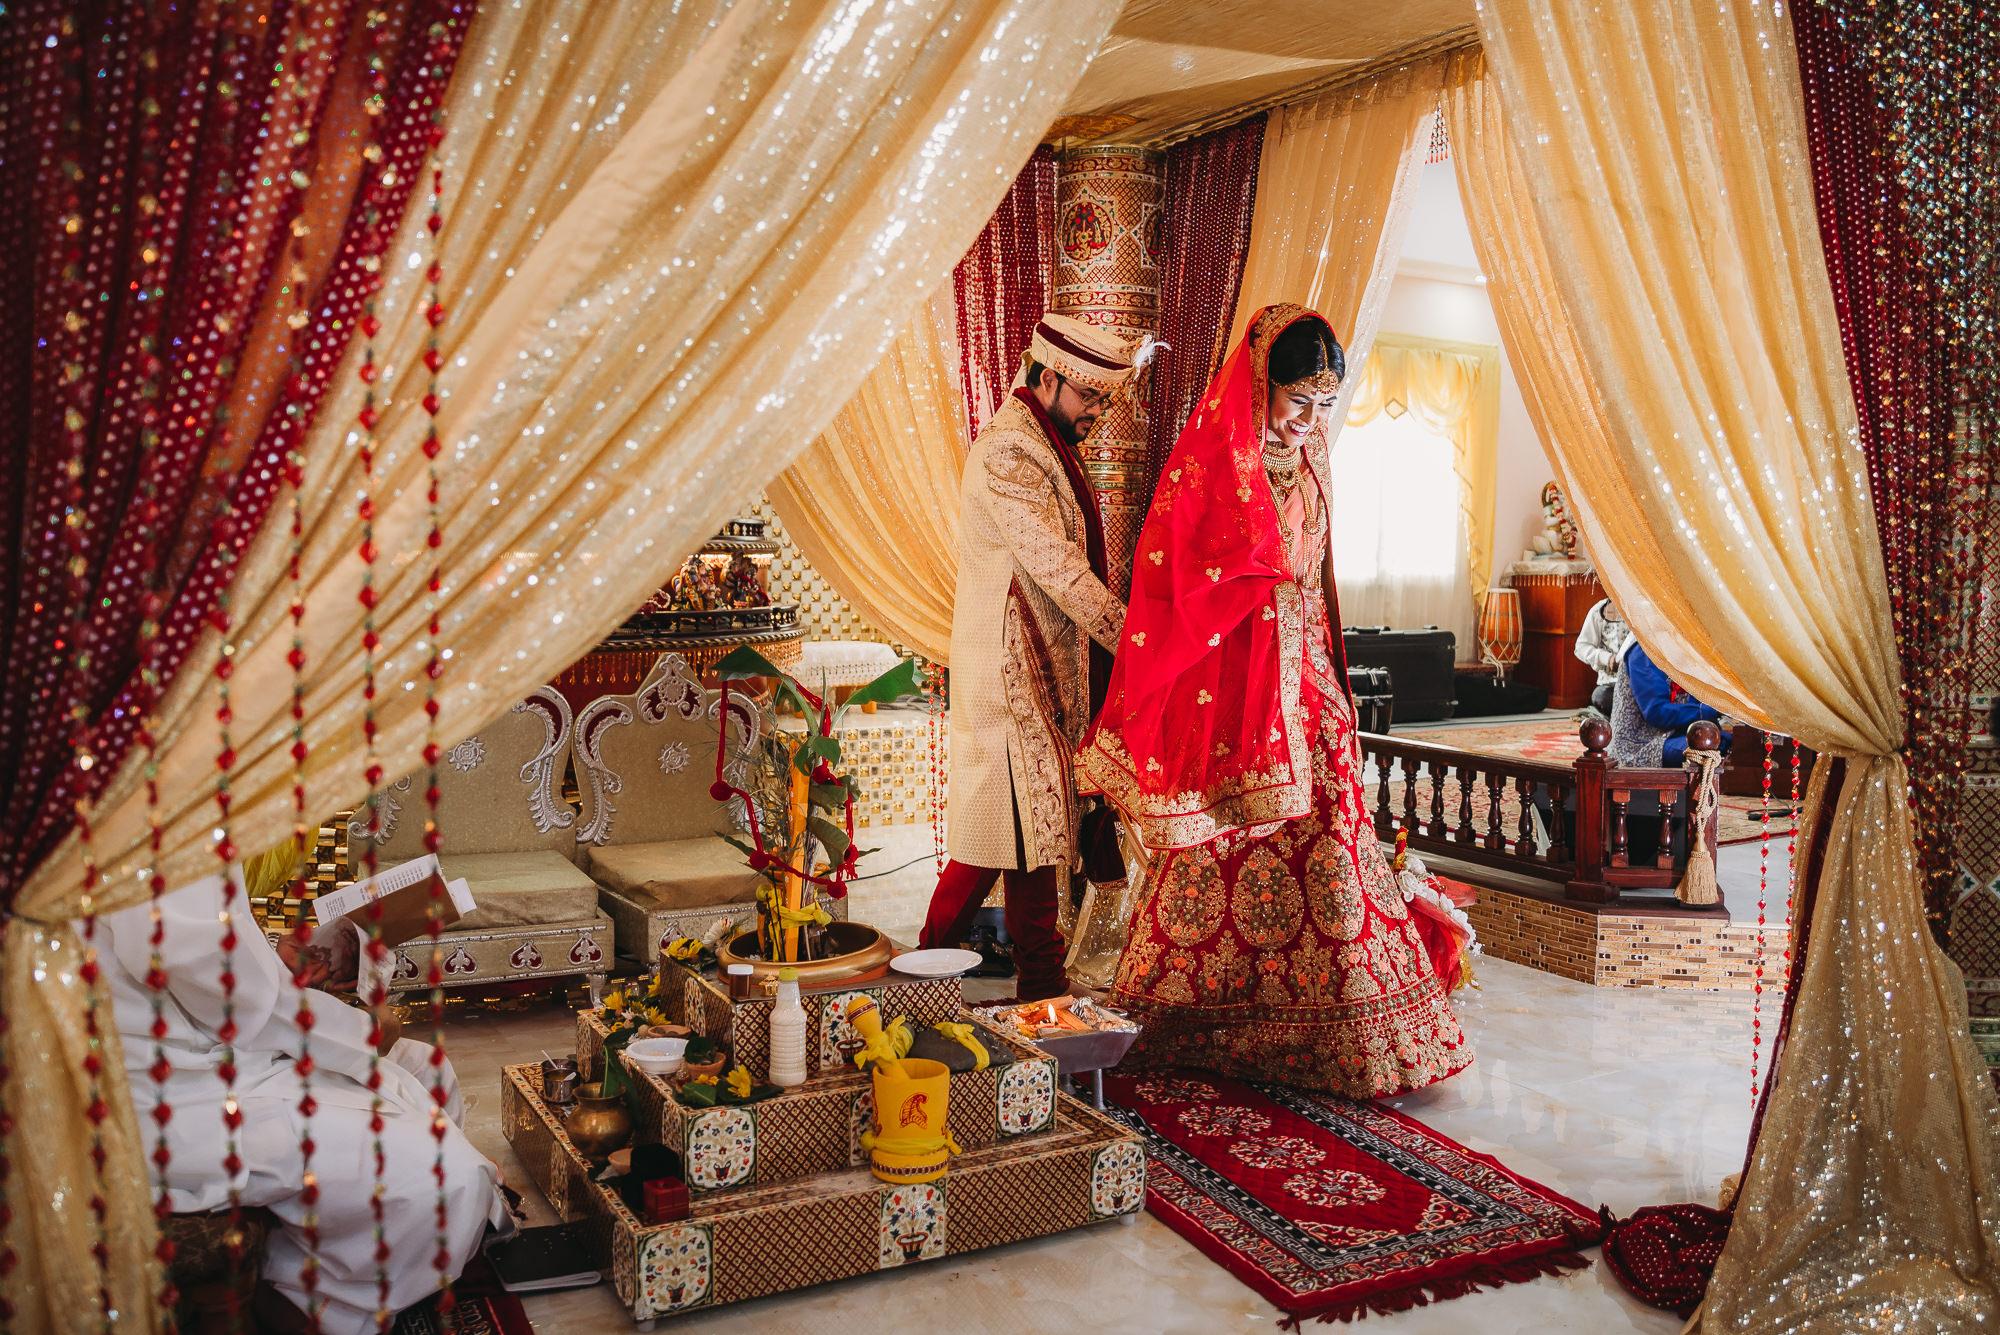 Trinidad wedding photography at lakshmi narayan temple